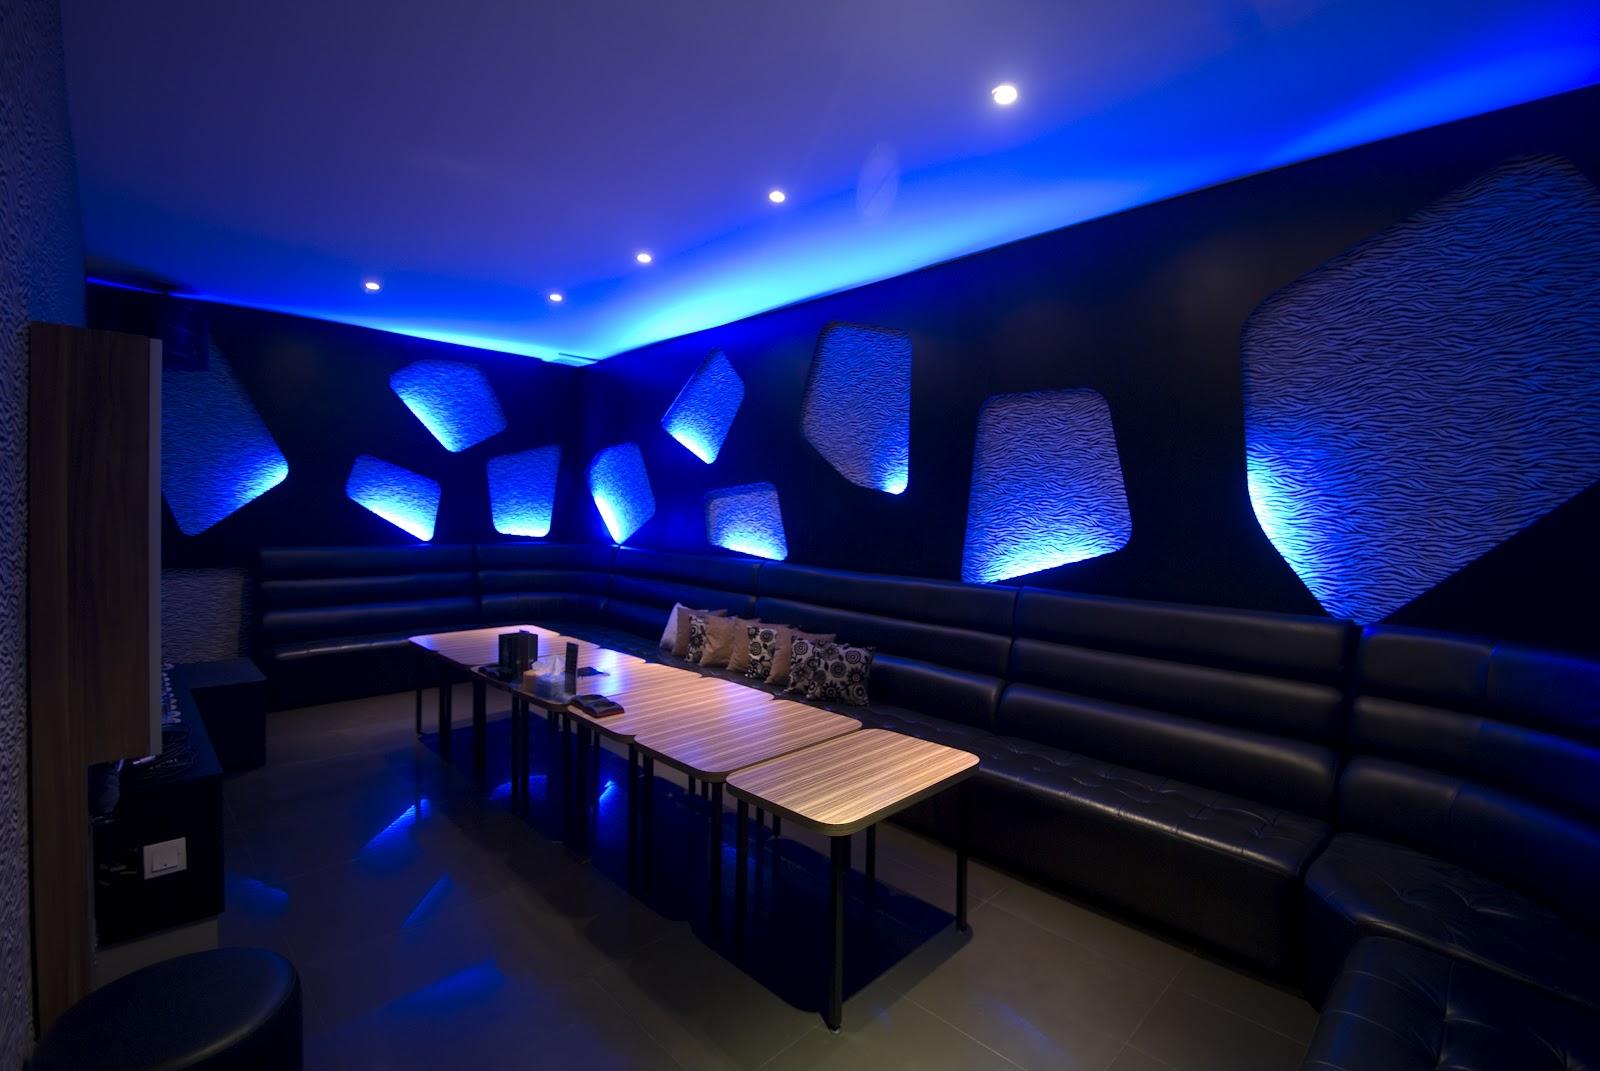 mẫu phòng karaoke bình dân